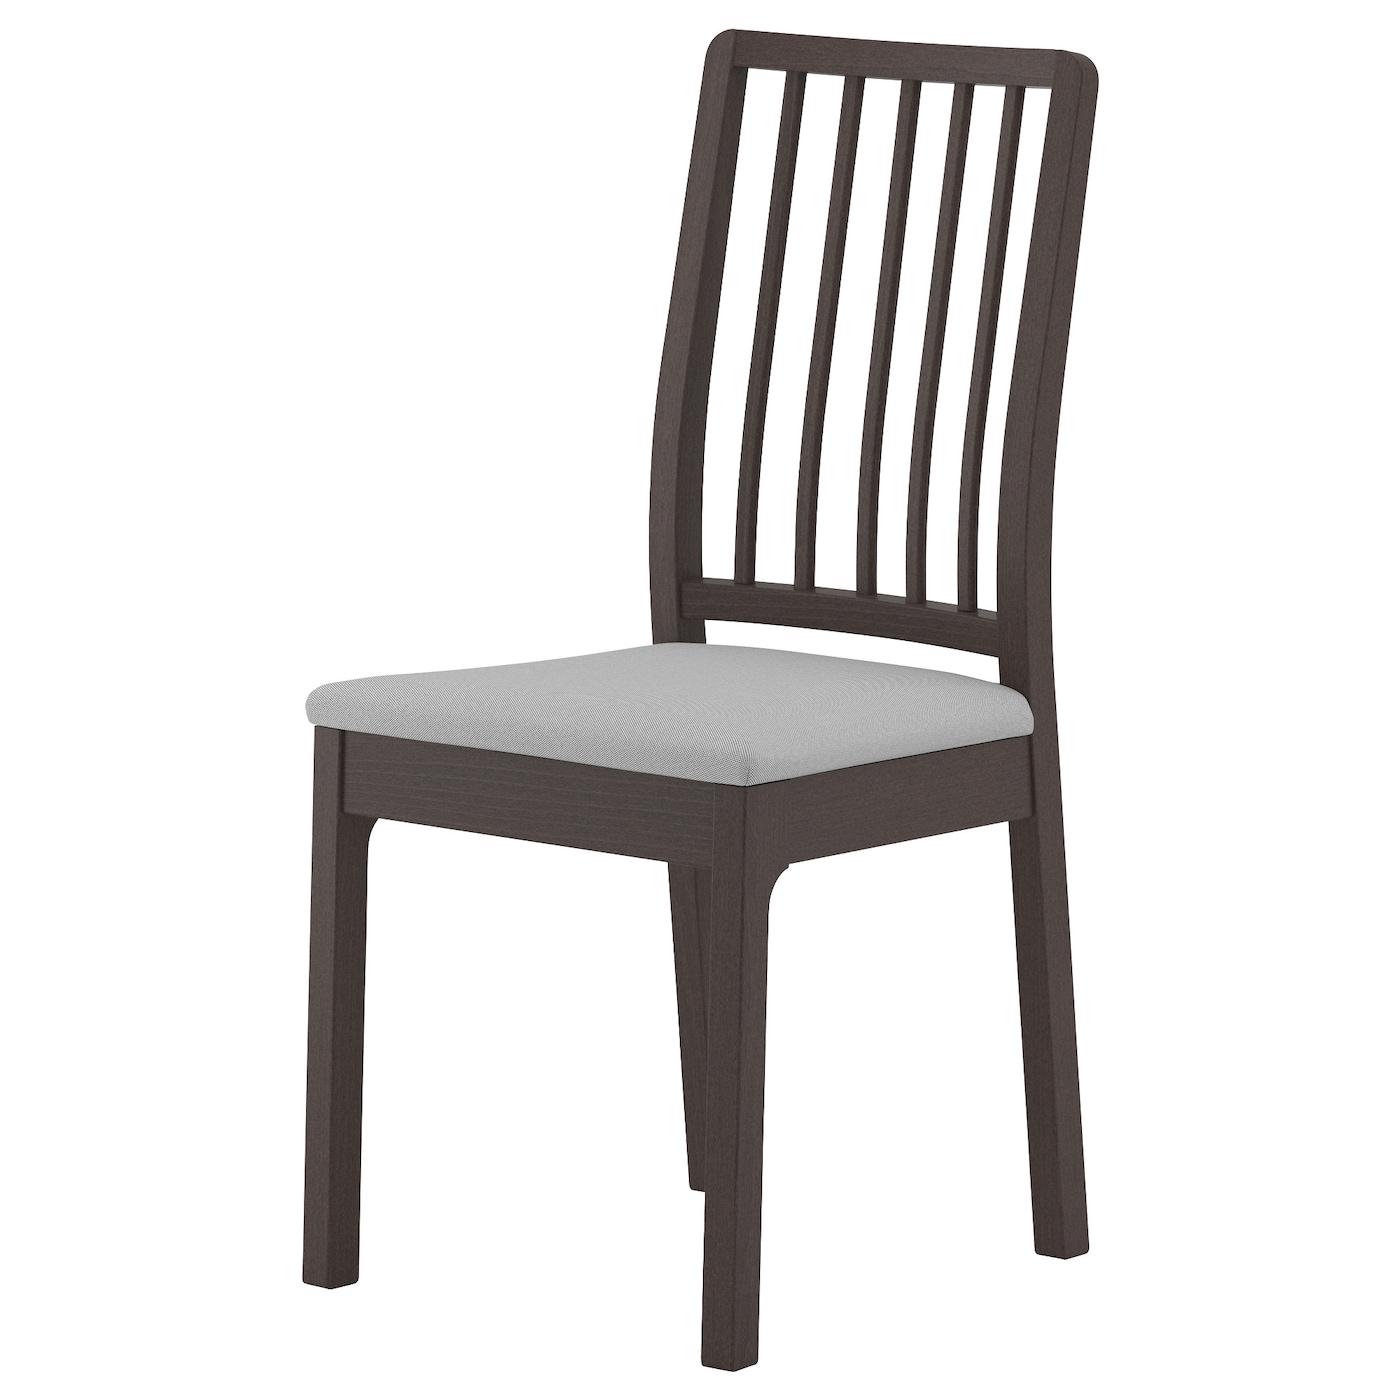 Ekedalen silla marr n oscuro orrsta gris claro ikea for Sillas para dormitorio ikea